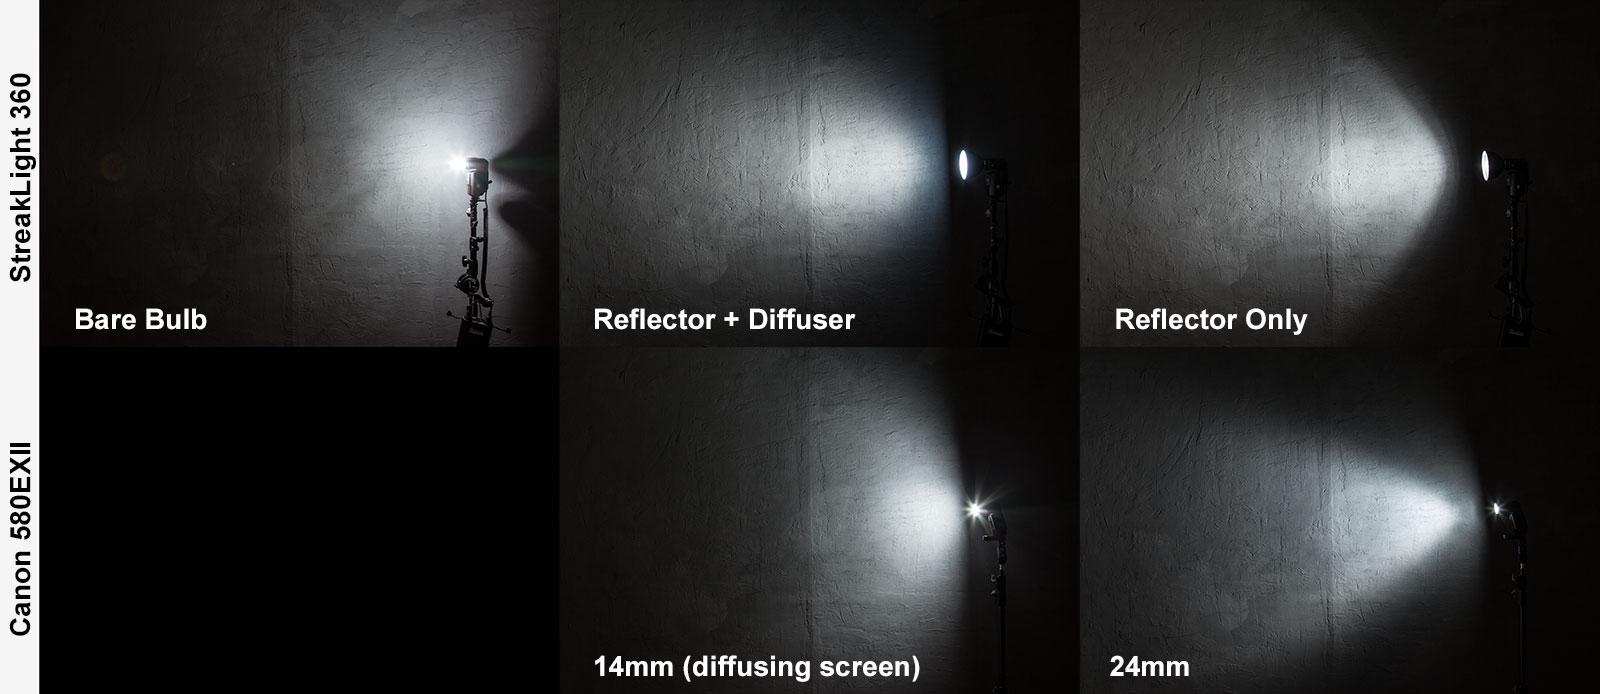 flashpoint streaklight 360ws gavtrain com